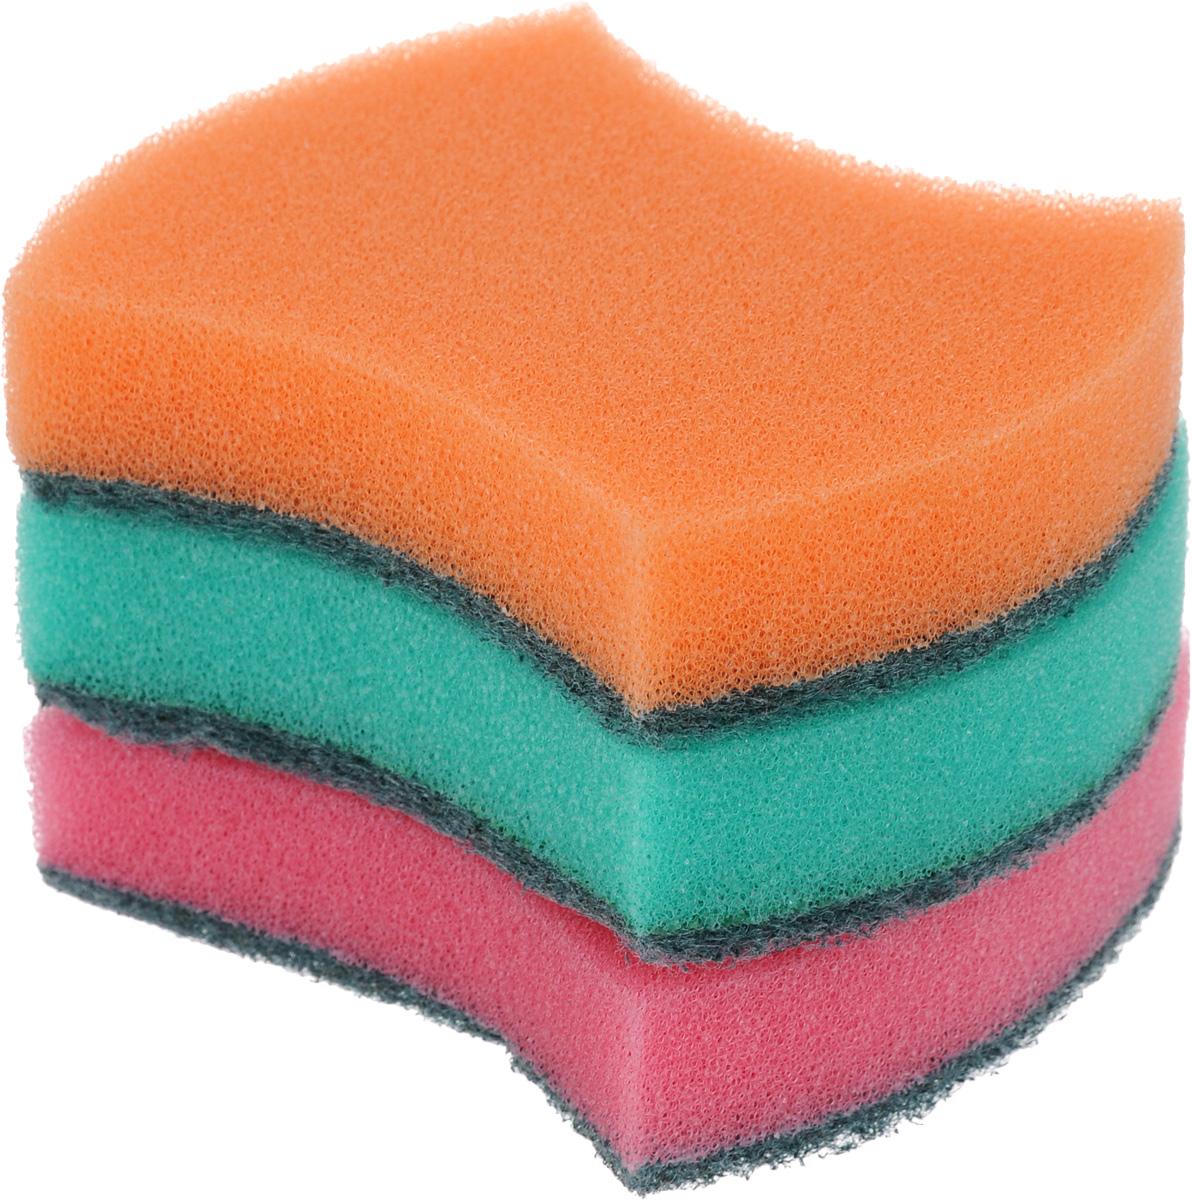 Губка универсальная Фэйт Модерн, цвет: розовый, оранжевый, бирюзовый, 3 штSVC-300Универсальная губка Фэйт Модерн, изготовленная из особо прочного поролона и абразива, прекрасно впитывает влагу, не оставляет ворсинок и разводов, быстро сохнет. Предназначена для мытья любых поверхностей. Размер губки: 9 х 7 х 2,5 см. Комплектация: 3 шт.